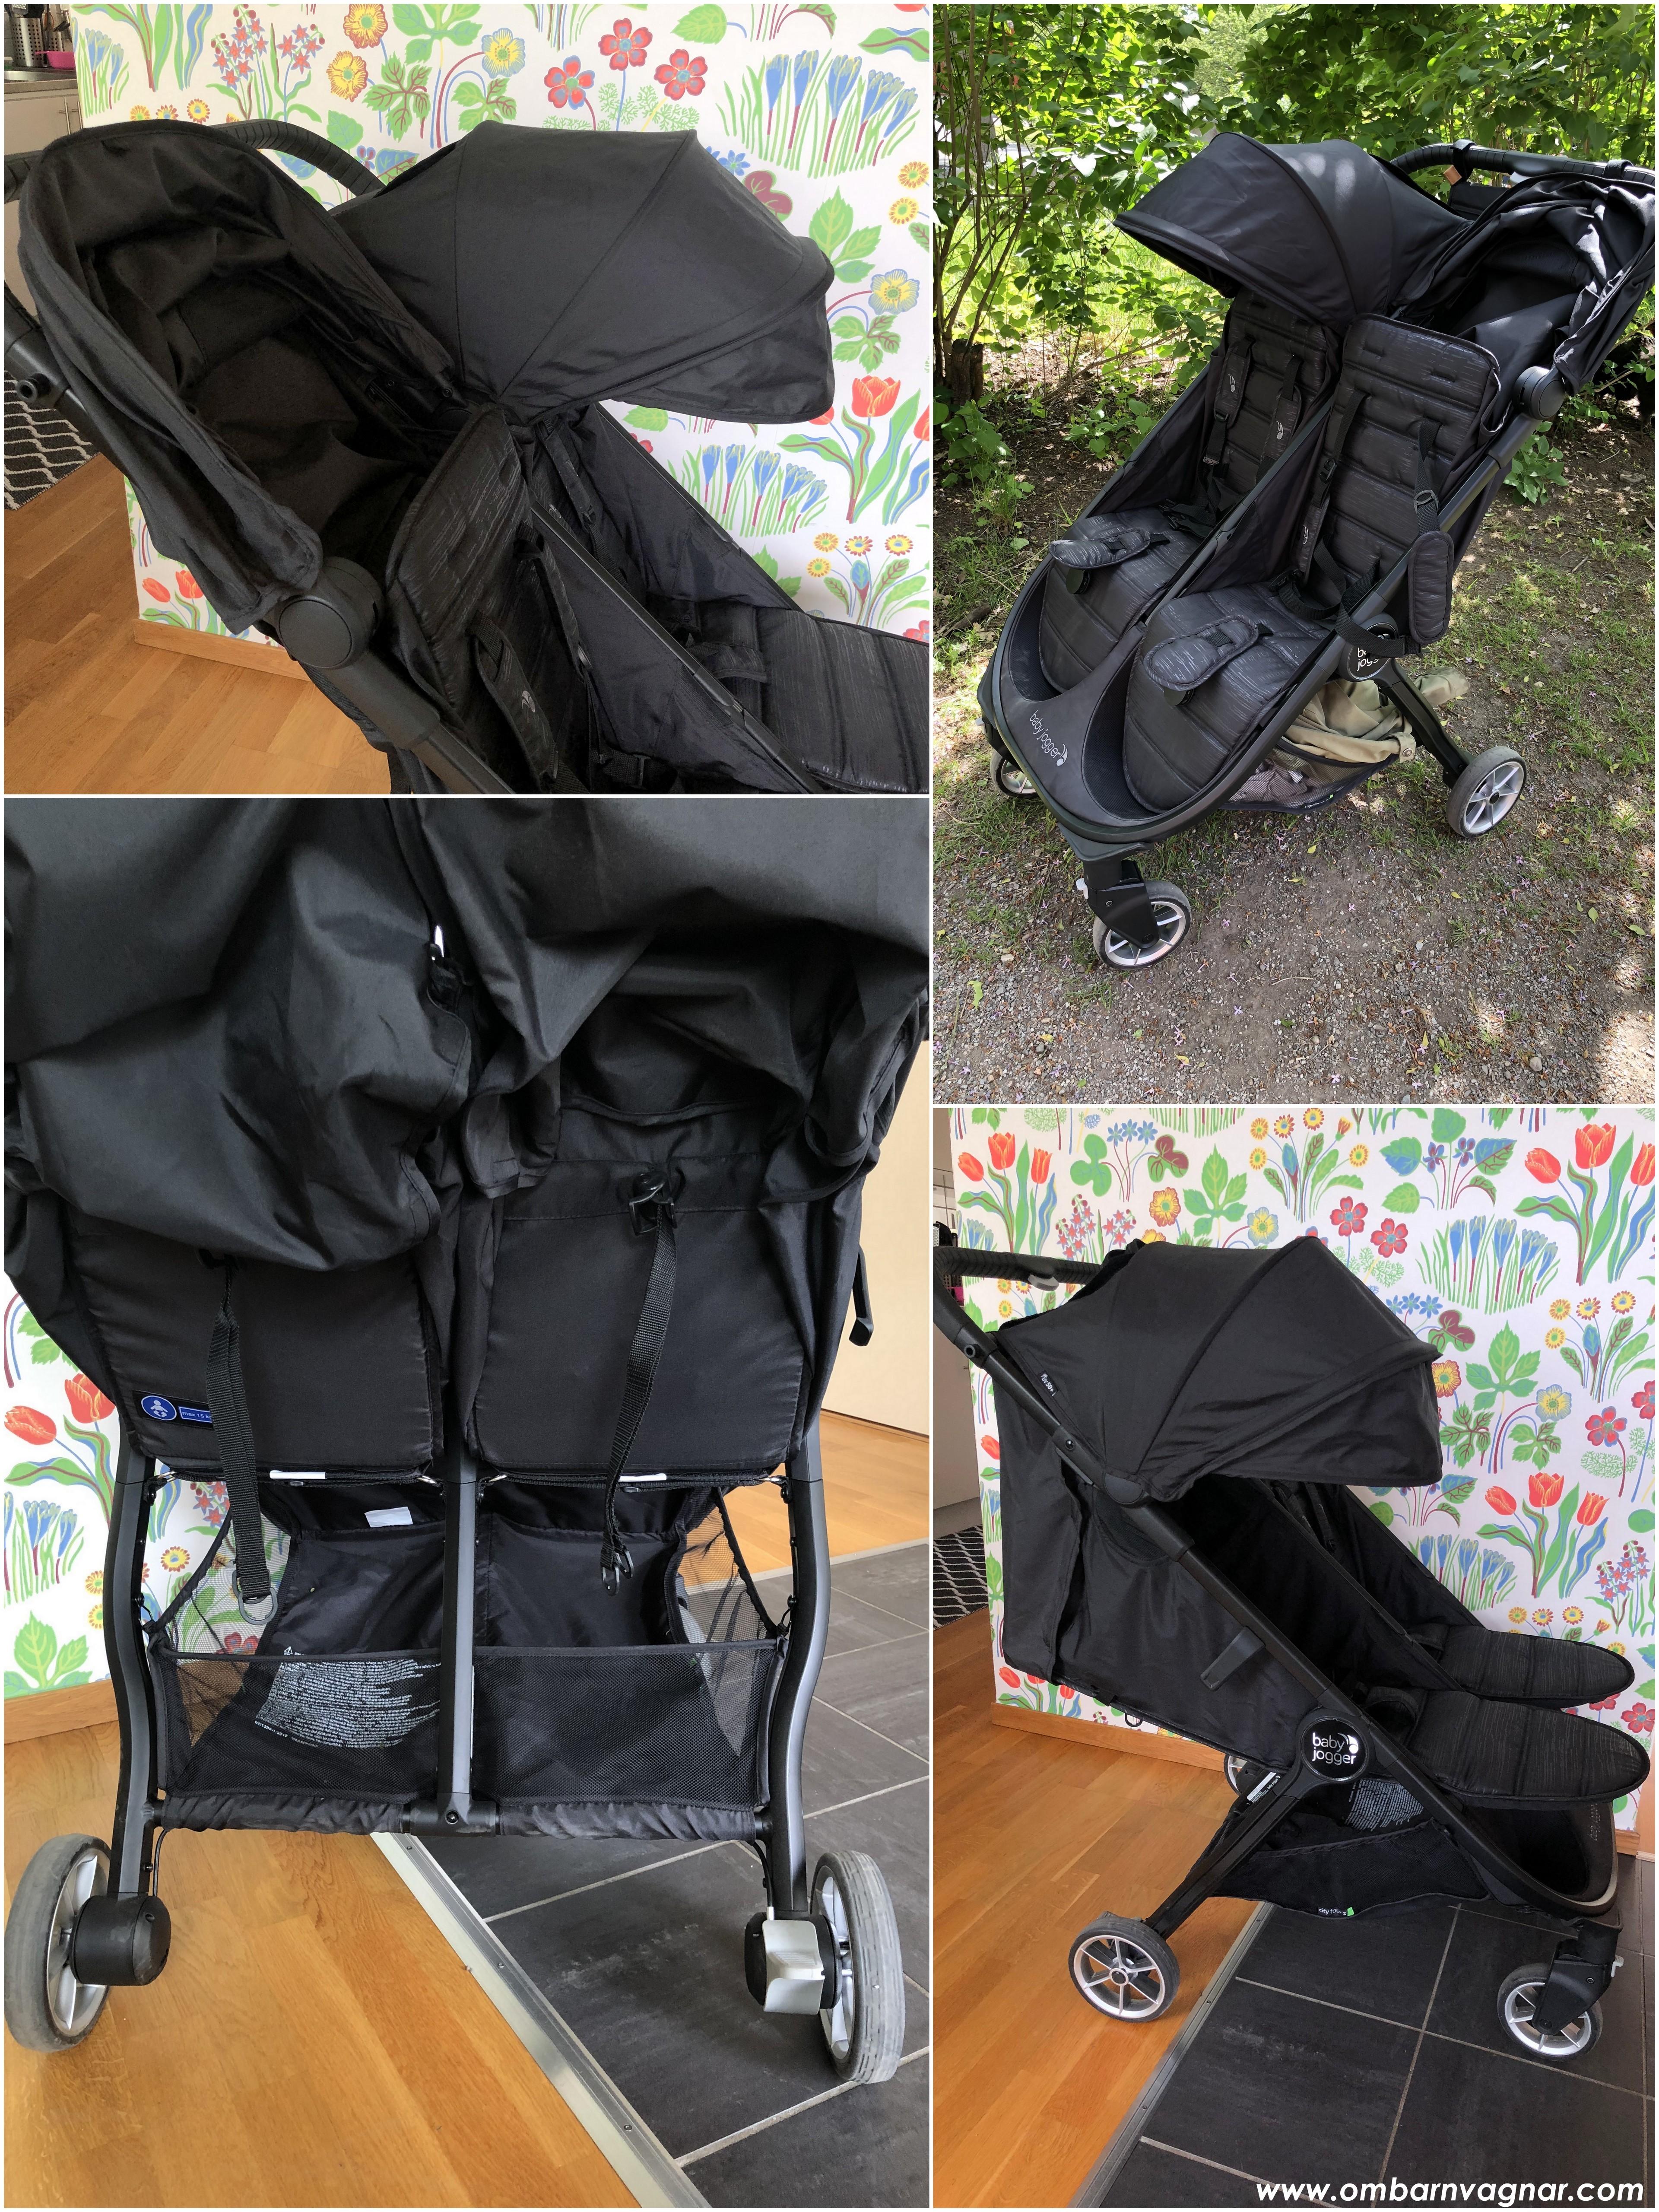 Baby Jogger City Tour 2 Double med sittläge och bra liggläge